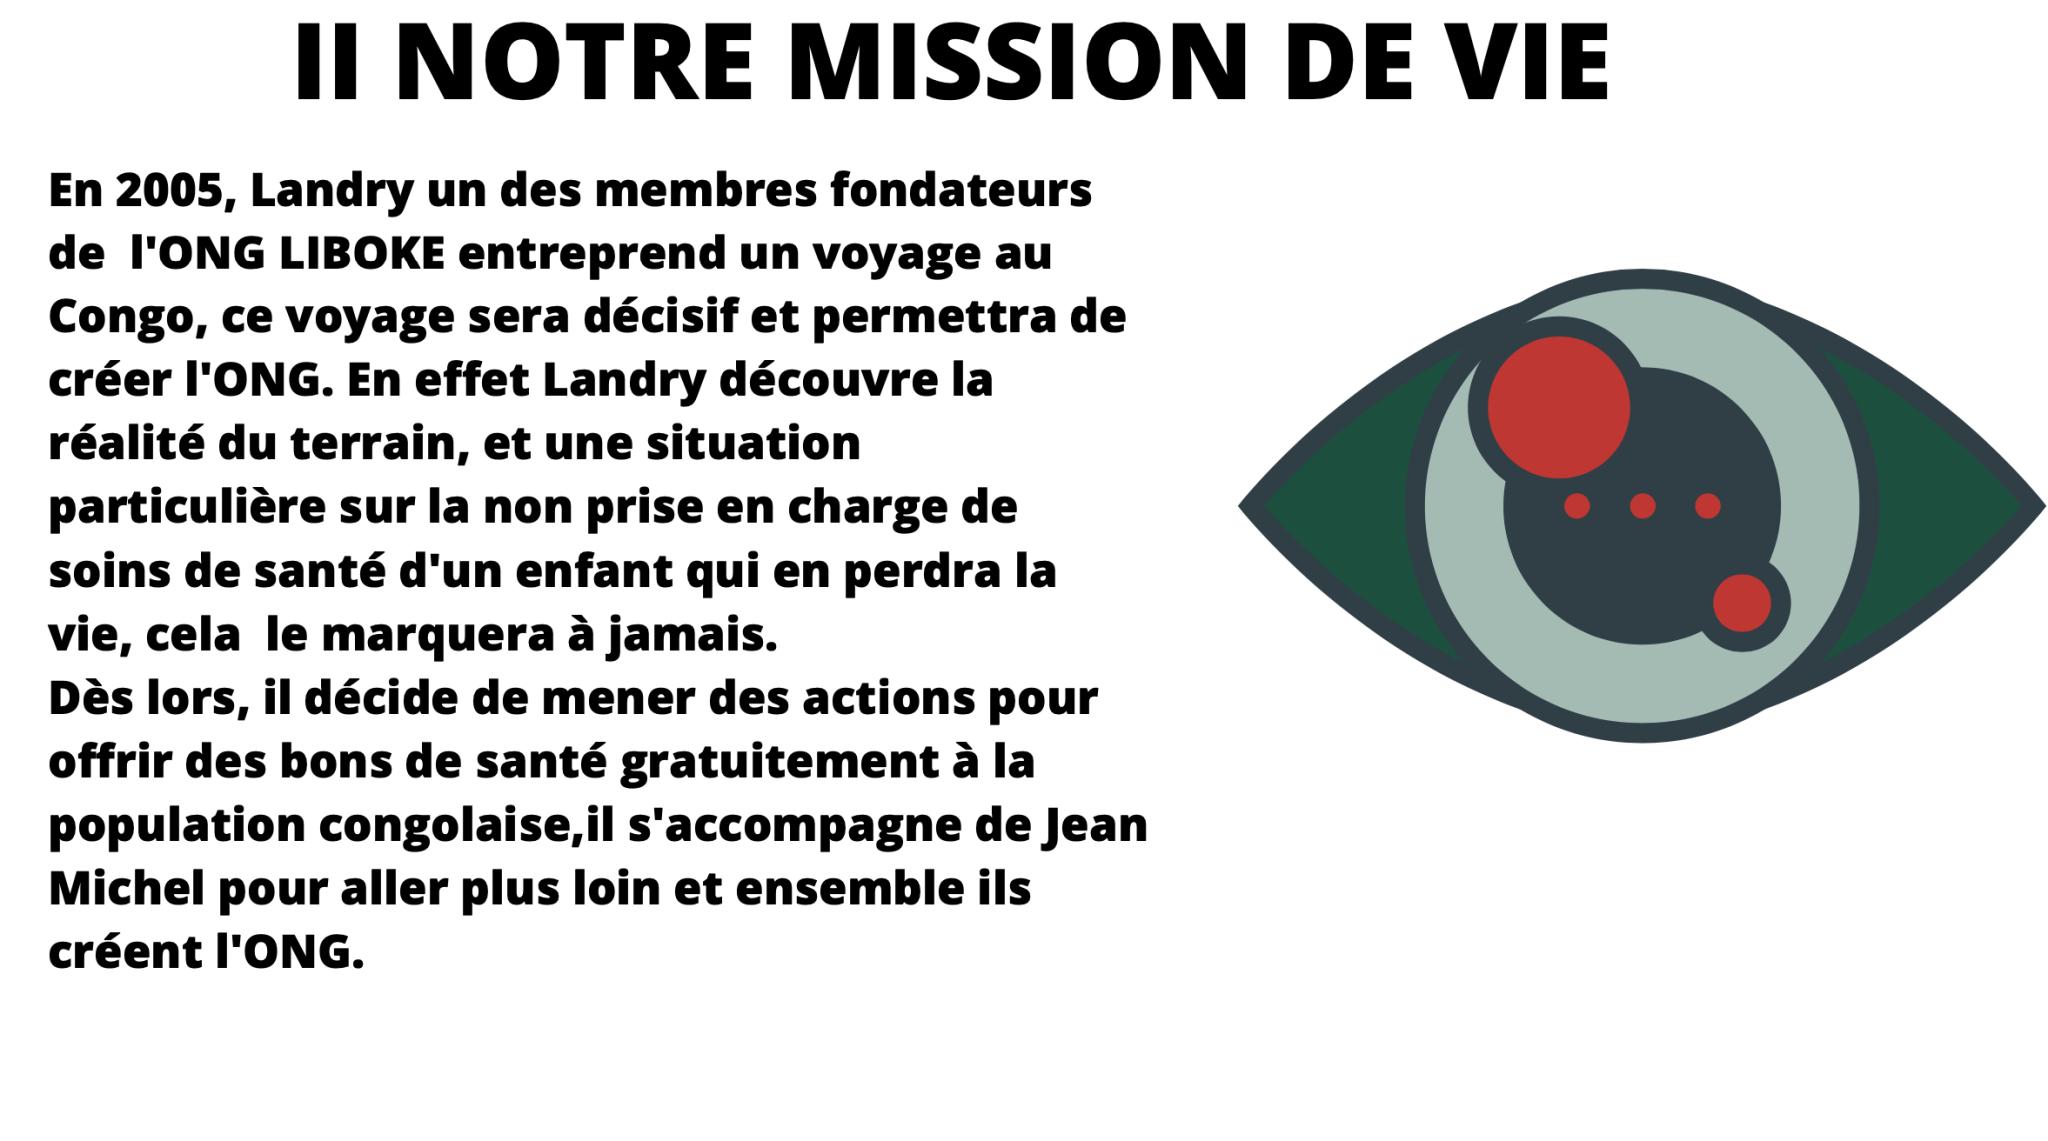 En 2005, Landry un des membres fondateurs de l'ONG LIBOKE entreprend un voyage au Congo, ce voyage sera décisif et permettra de créer l'ONG. En effet Landry découvre la réalité du terrain, et une situation particulière sur la non prise en charge de soins de santé d'un enfant qui en perdra la vie, cela le marquera à jamais. Dès lors, il décide de mener des actions pour offrir des bons de santé gratuitement à la population congolaise,il s'accompagne de Jean Michel pour aller plus loin et ensemble ils créent l'ONG.